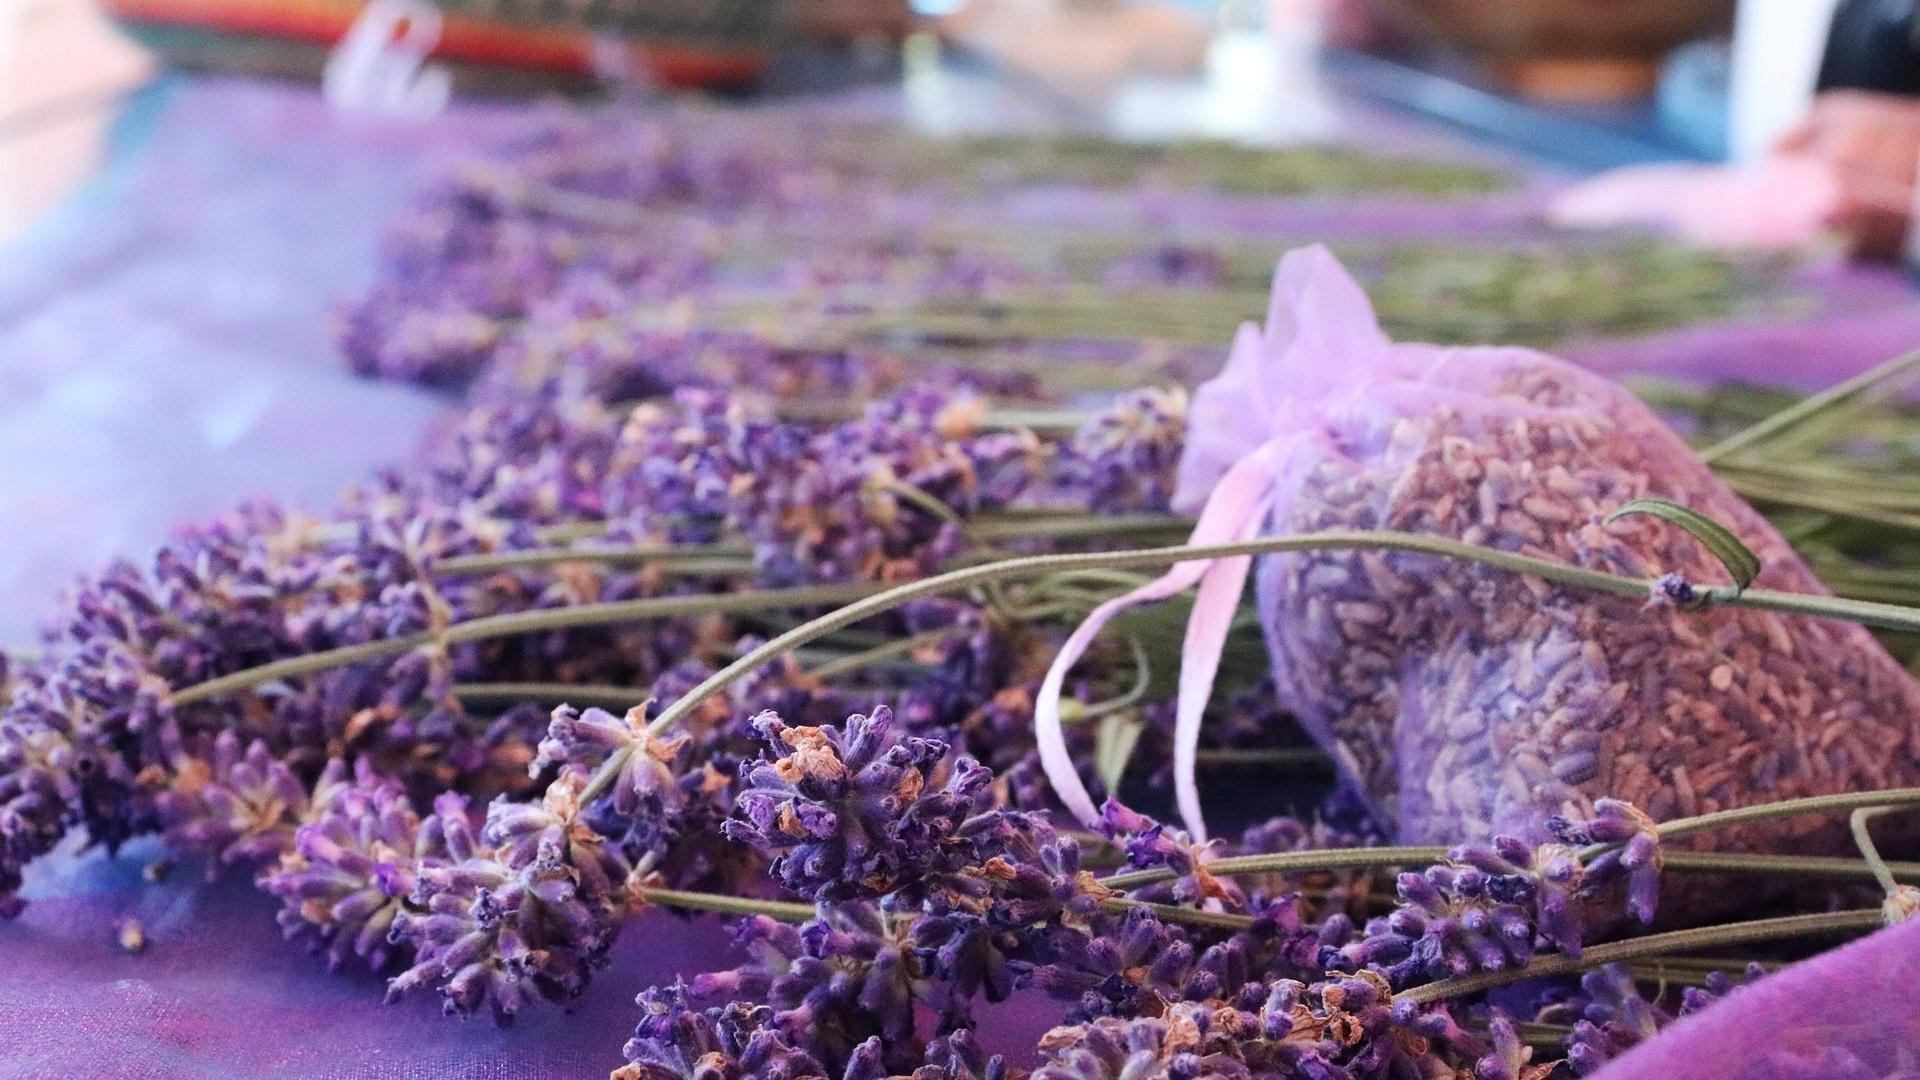 Lavendelsäckchen sind ein bewährtes Hausmittel, um Mehlmotten wieder loszuwerden.